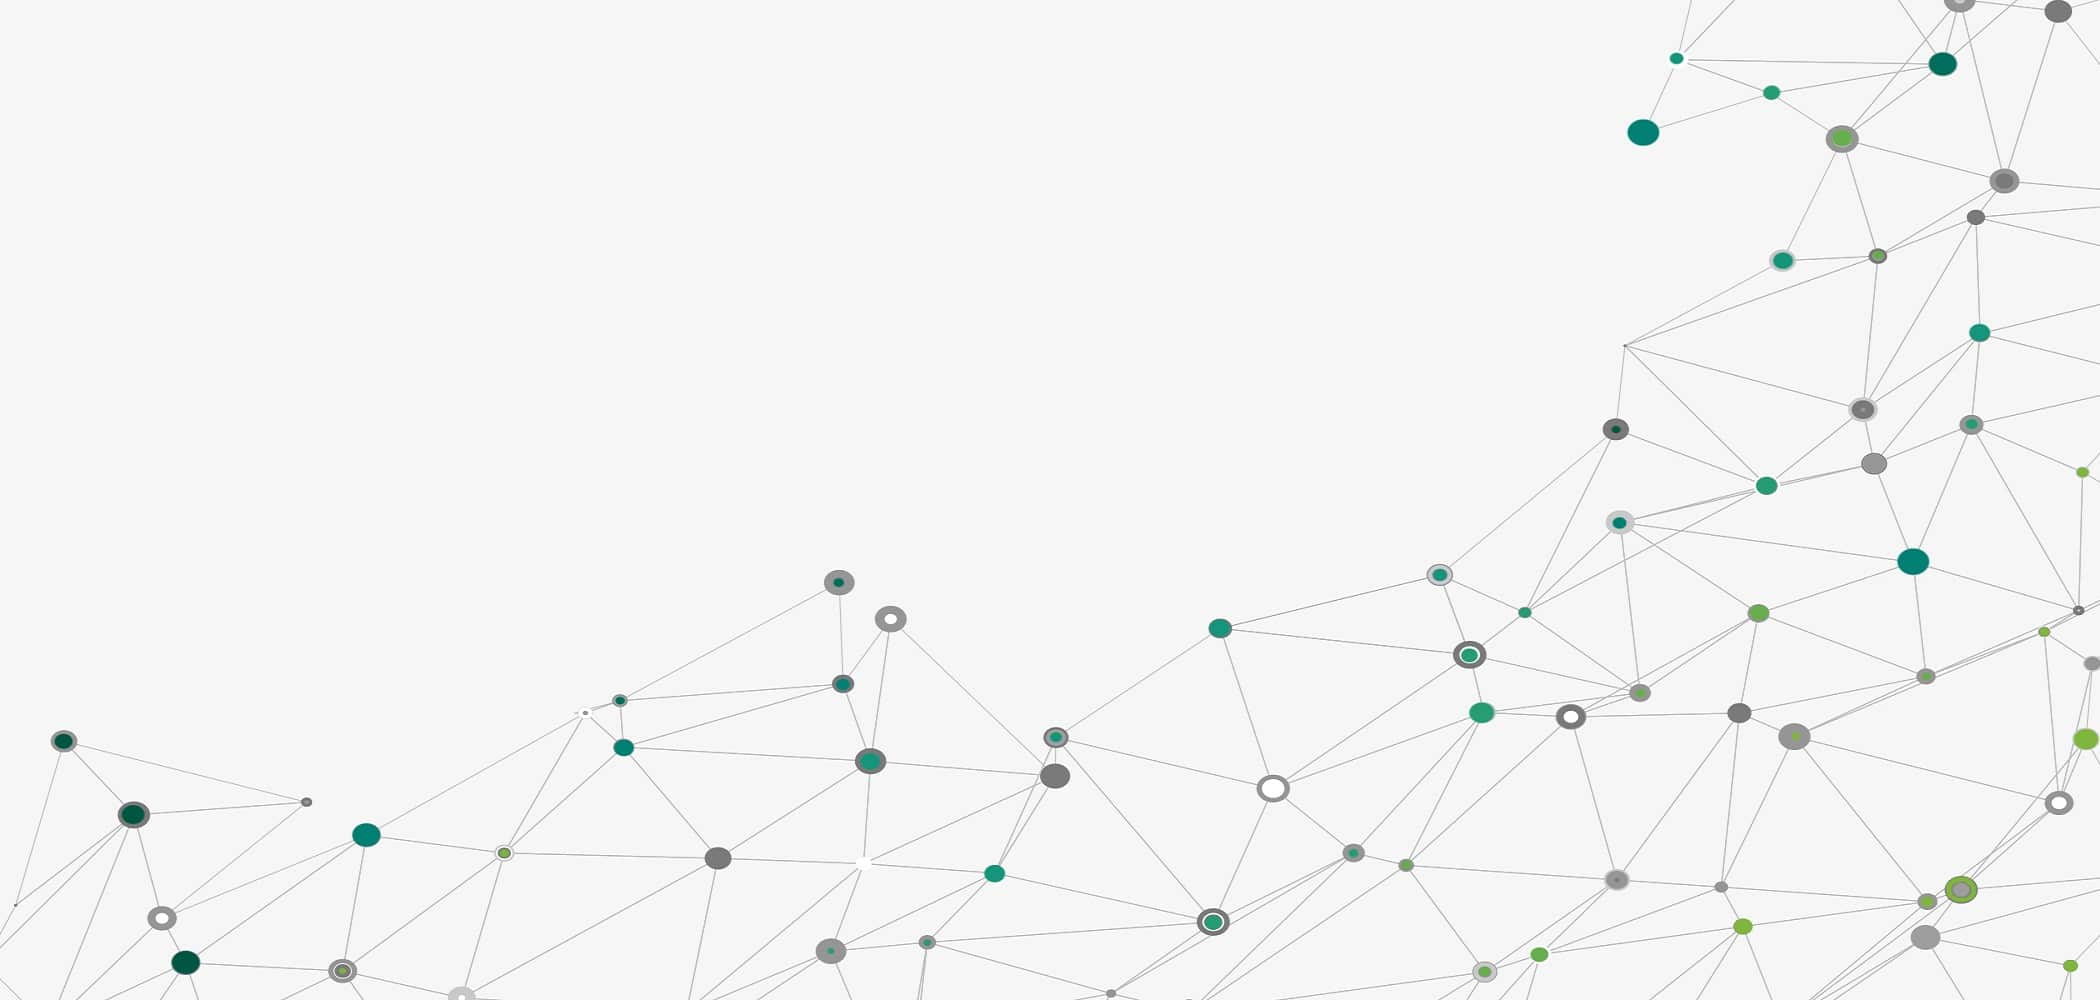 اسلایدر فناوری اطلاعات و ارتباطات سپتاک